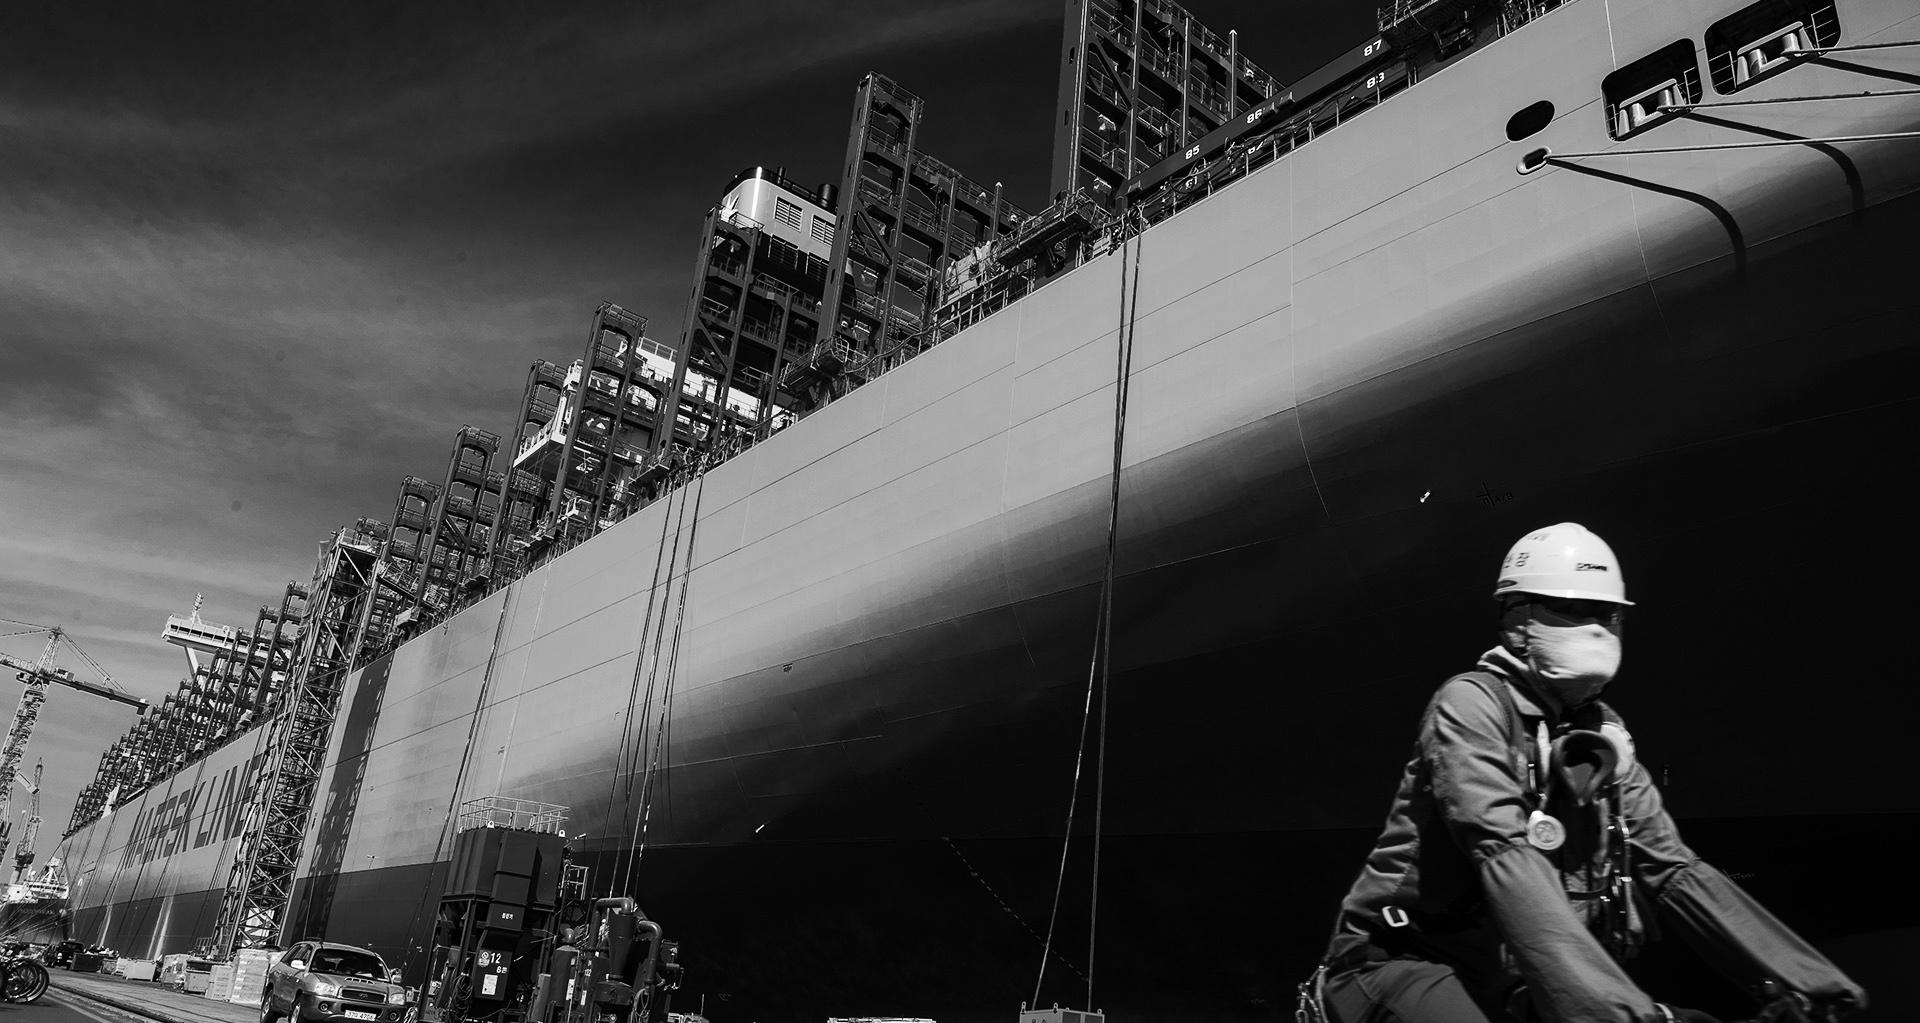 대우조선해양이 건조 중인 컨테이너선. 이 배를 주문한 세계 최대 해운사 머스크도 지난해 적자를 기록했다.